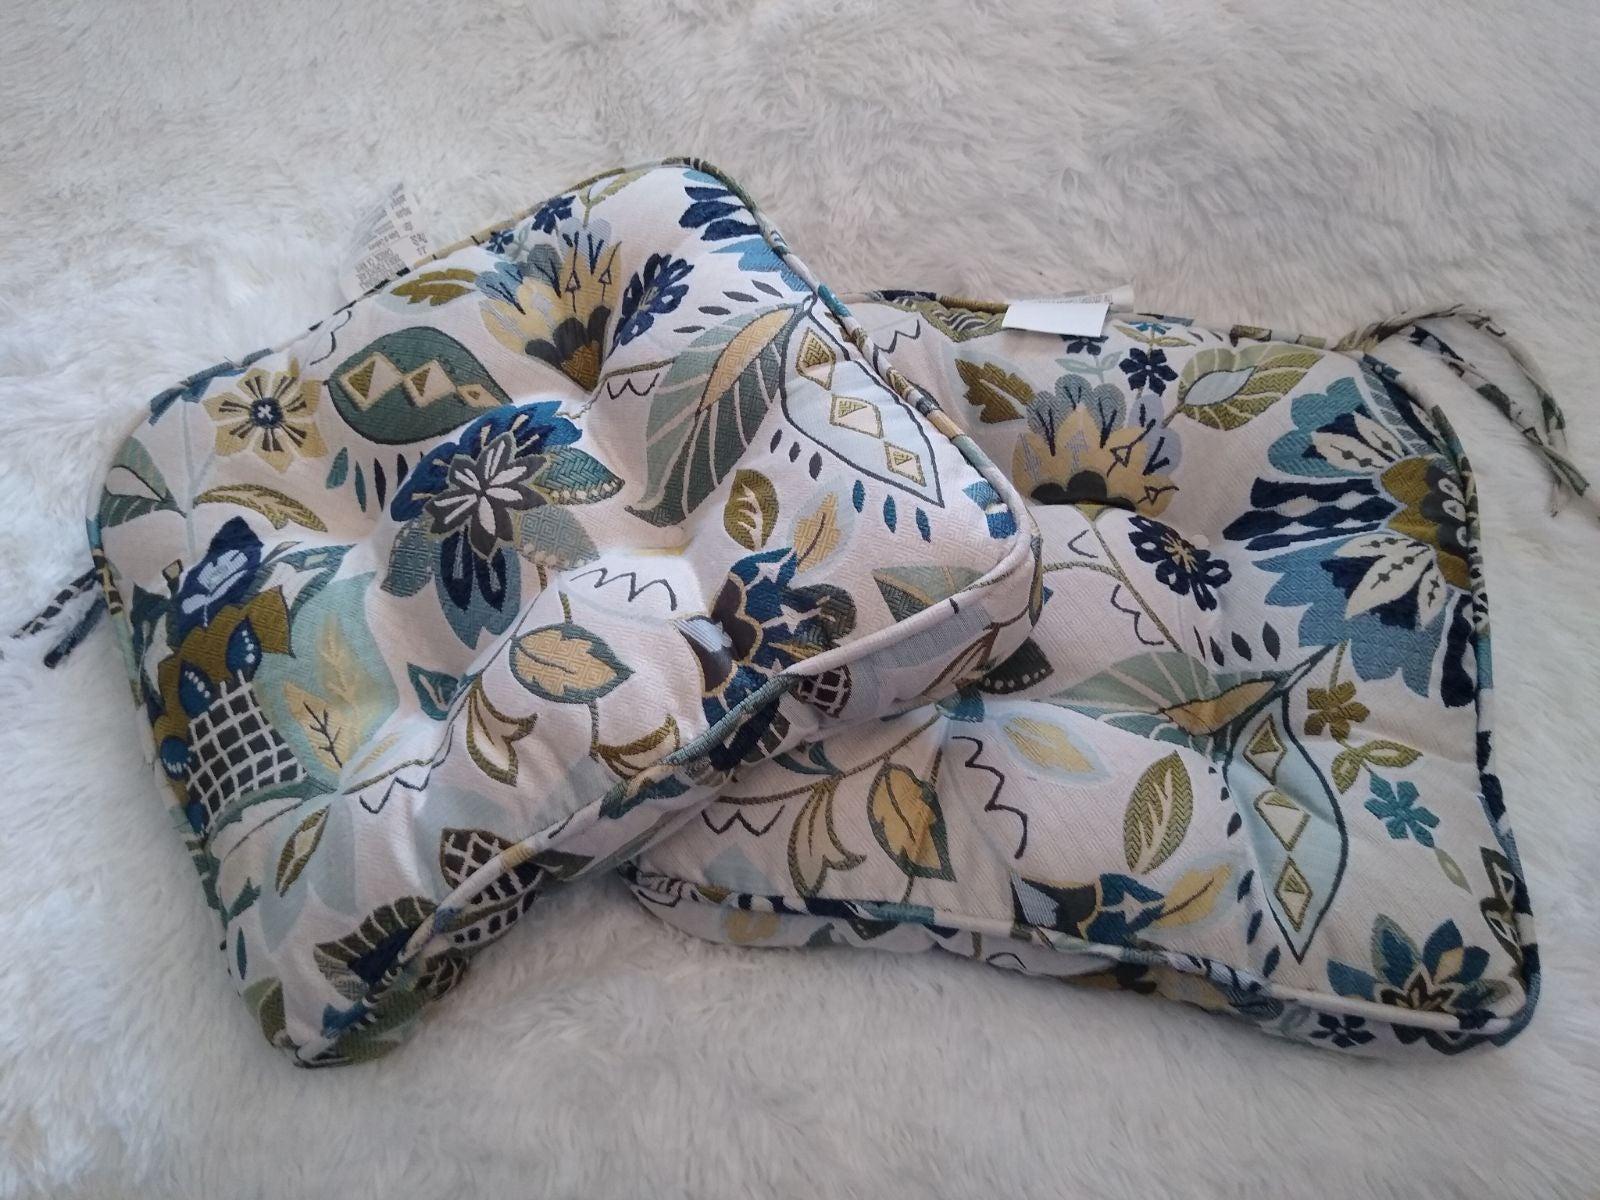 Brentwood Originals Cushions